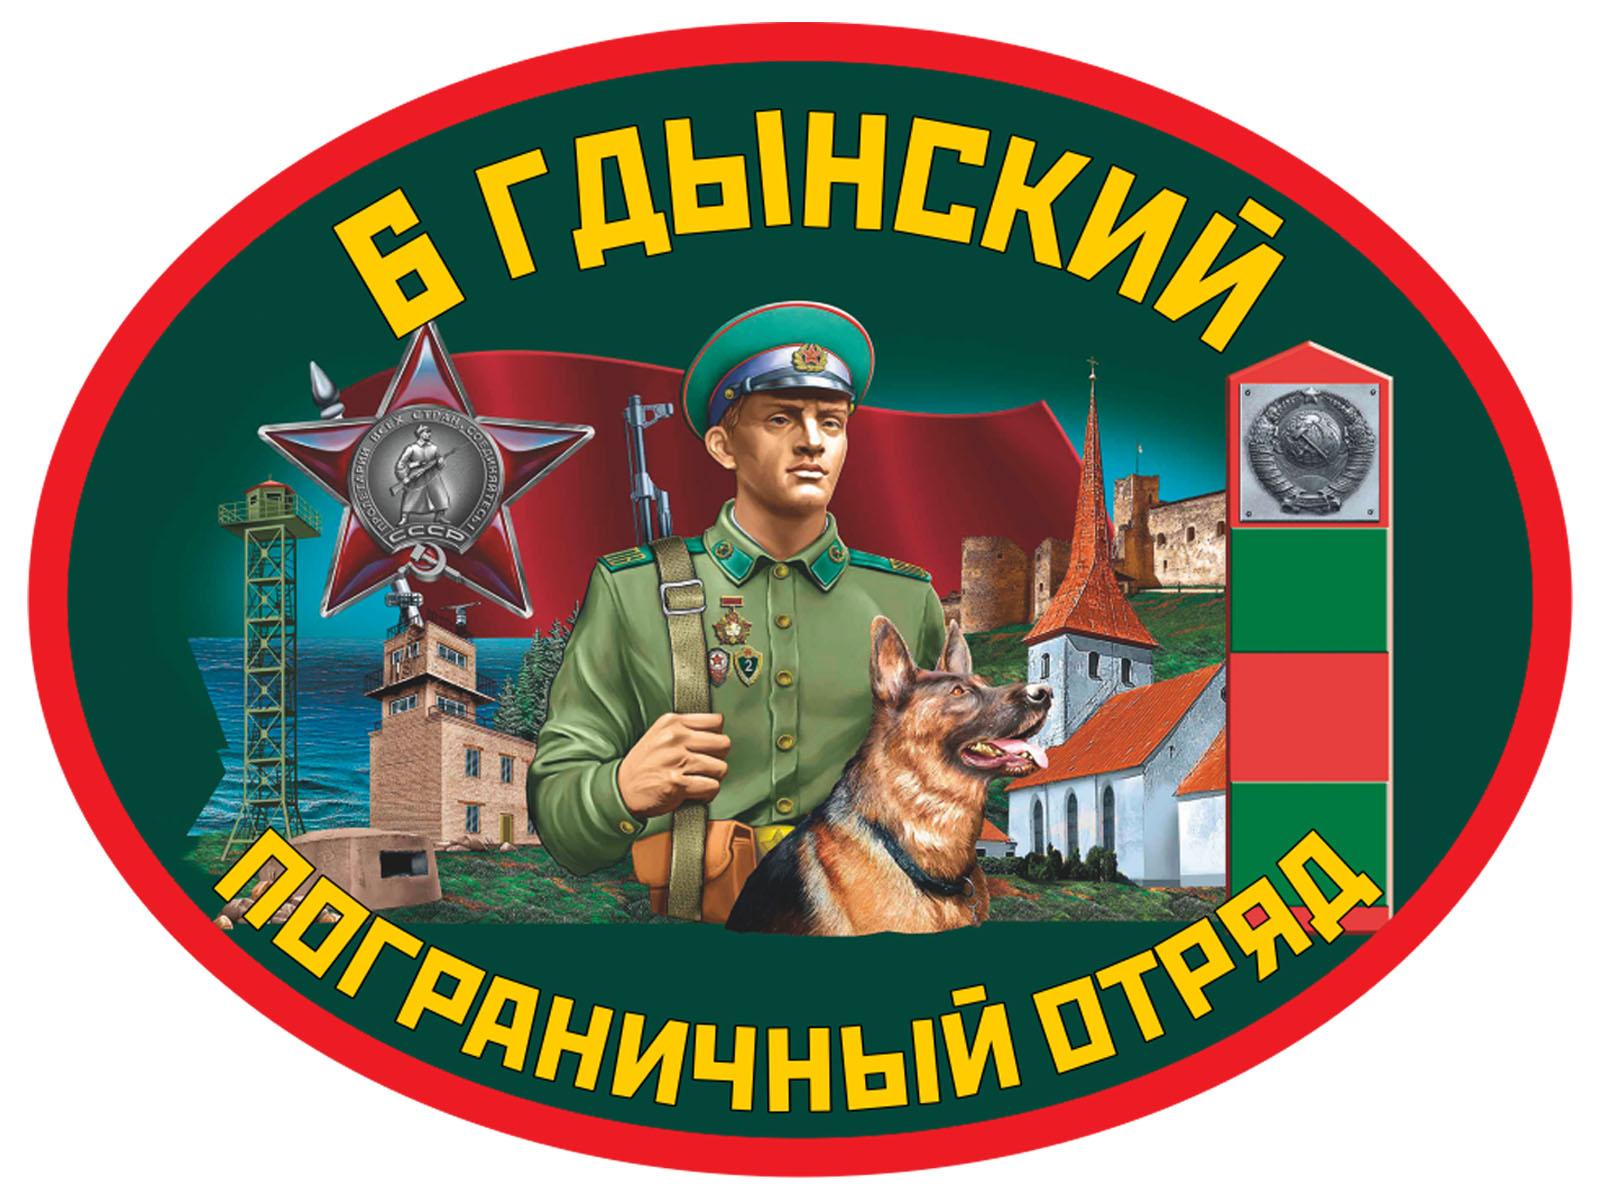 Наклейка 6 Гдынский пограничный отряд